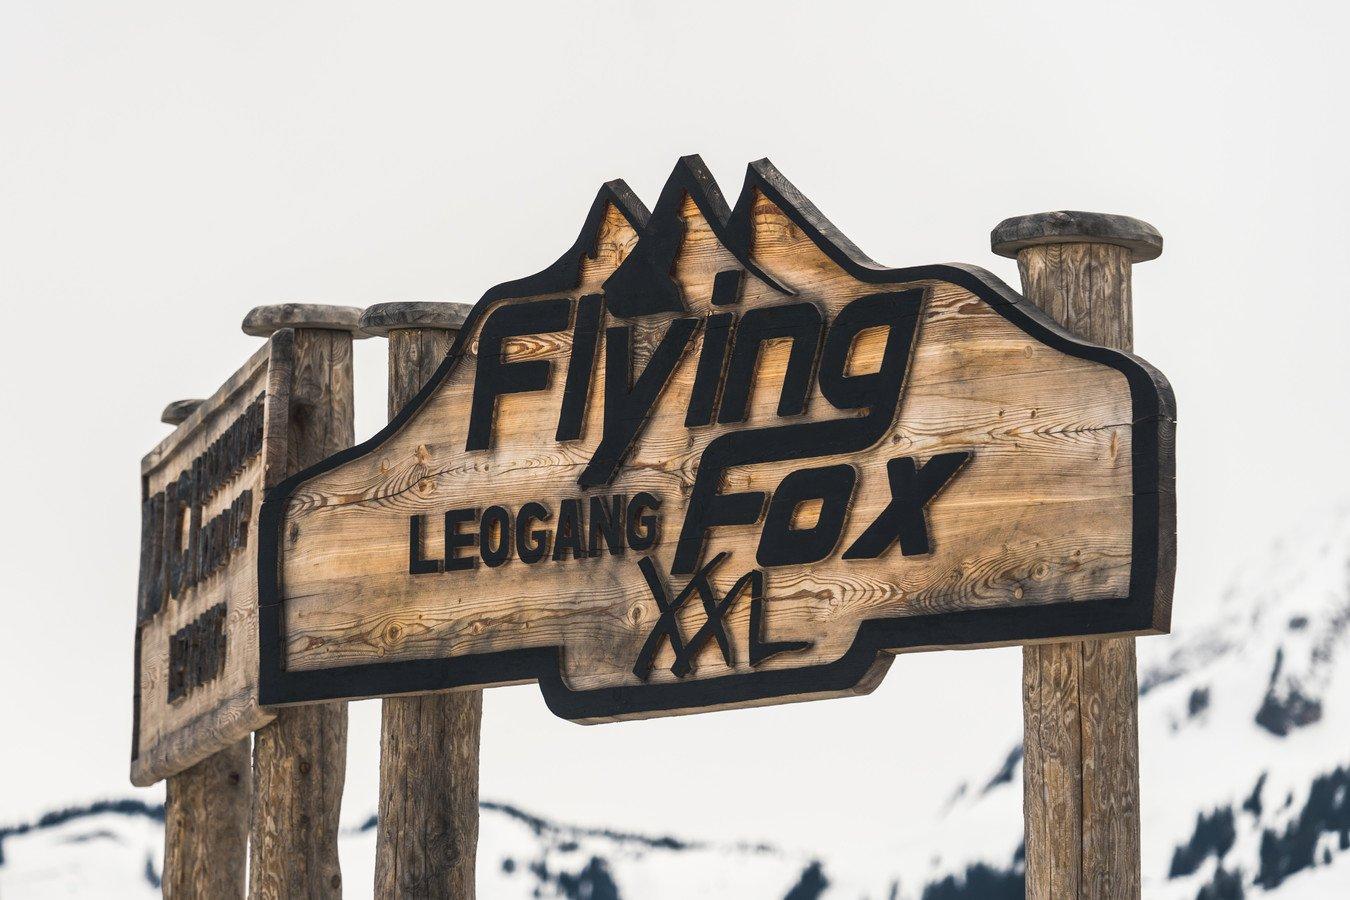 Flying Fox Xxl In Leogang Saalfelden Leogang